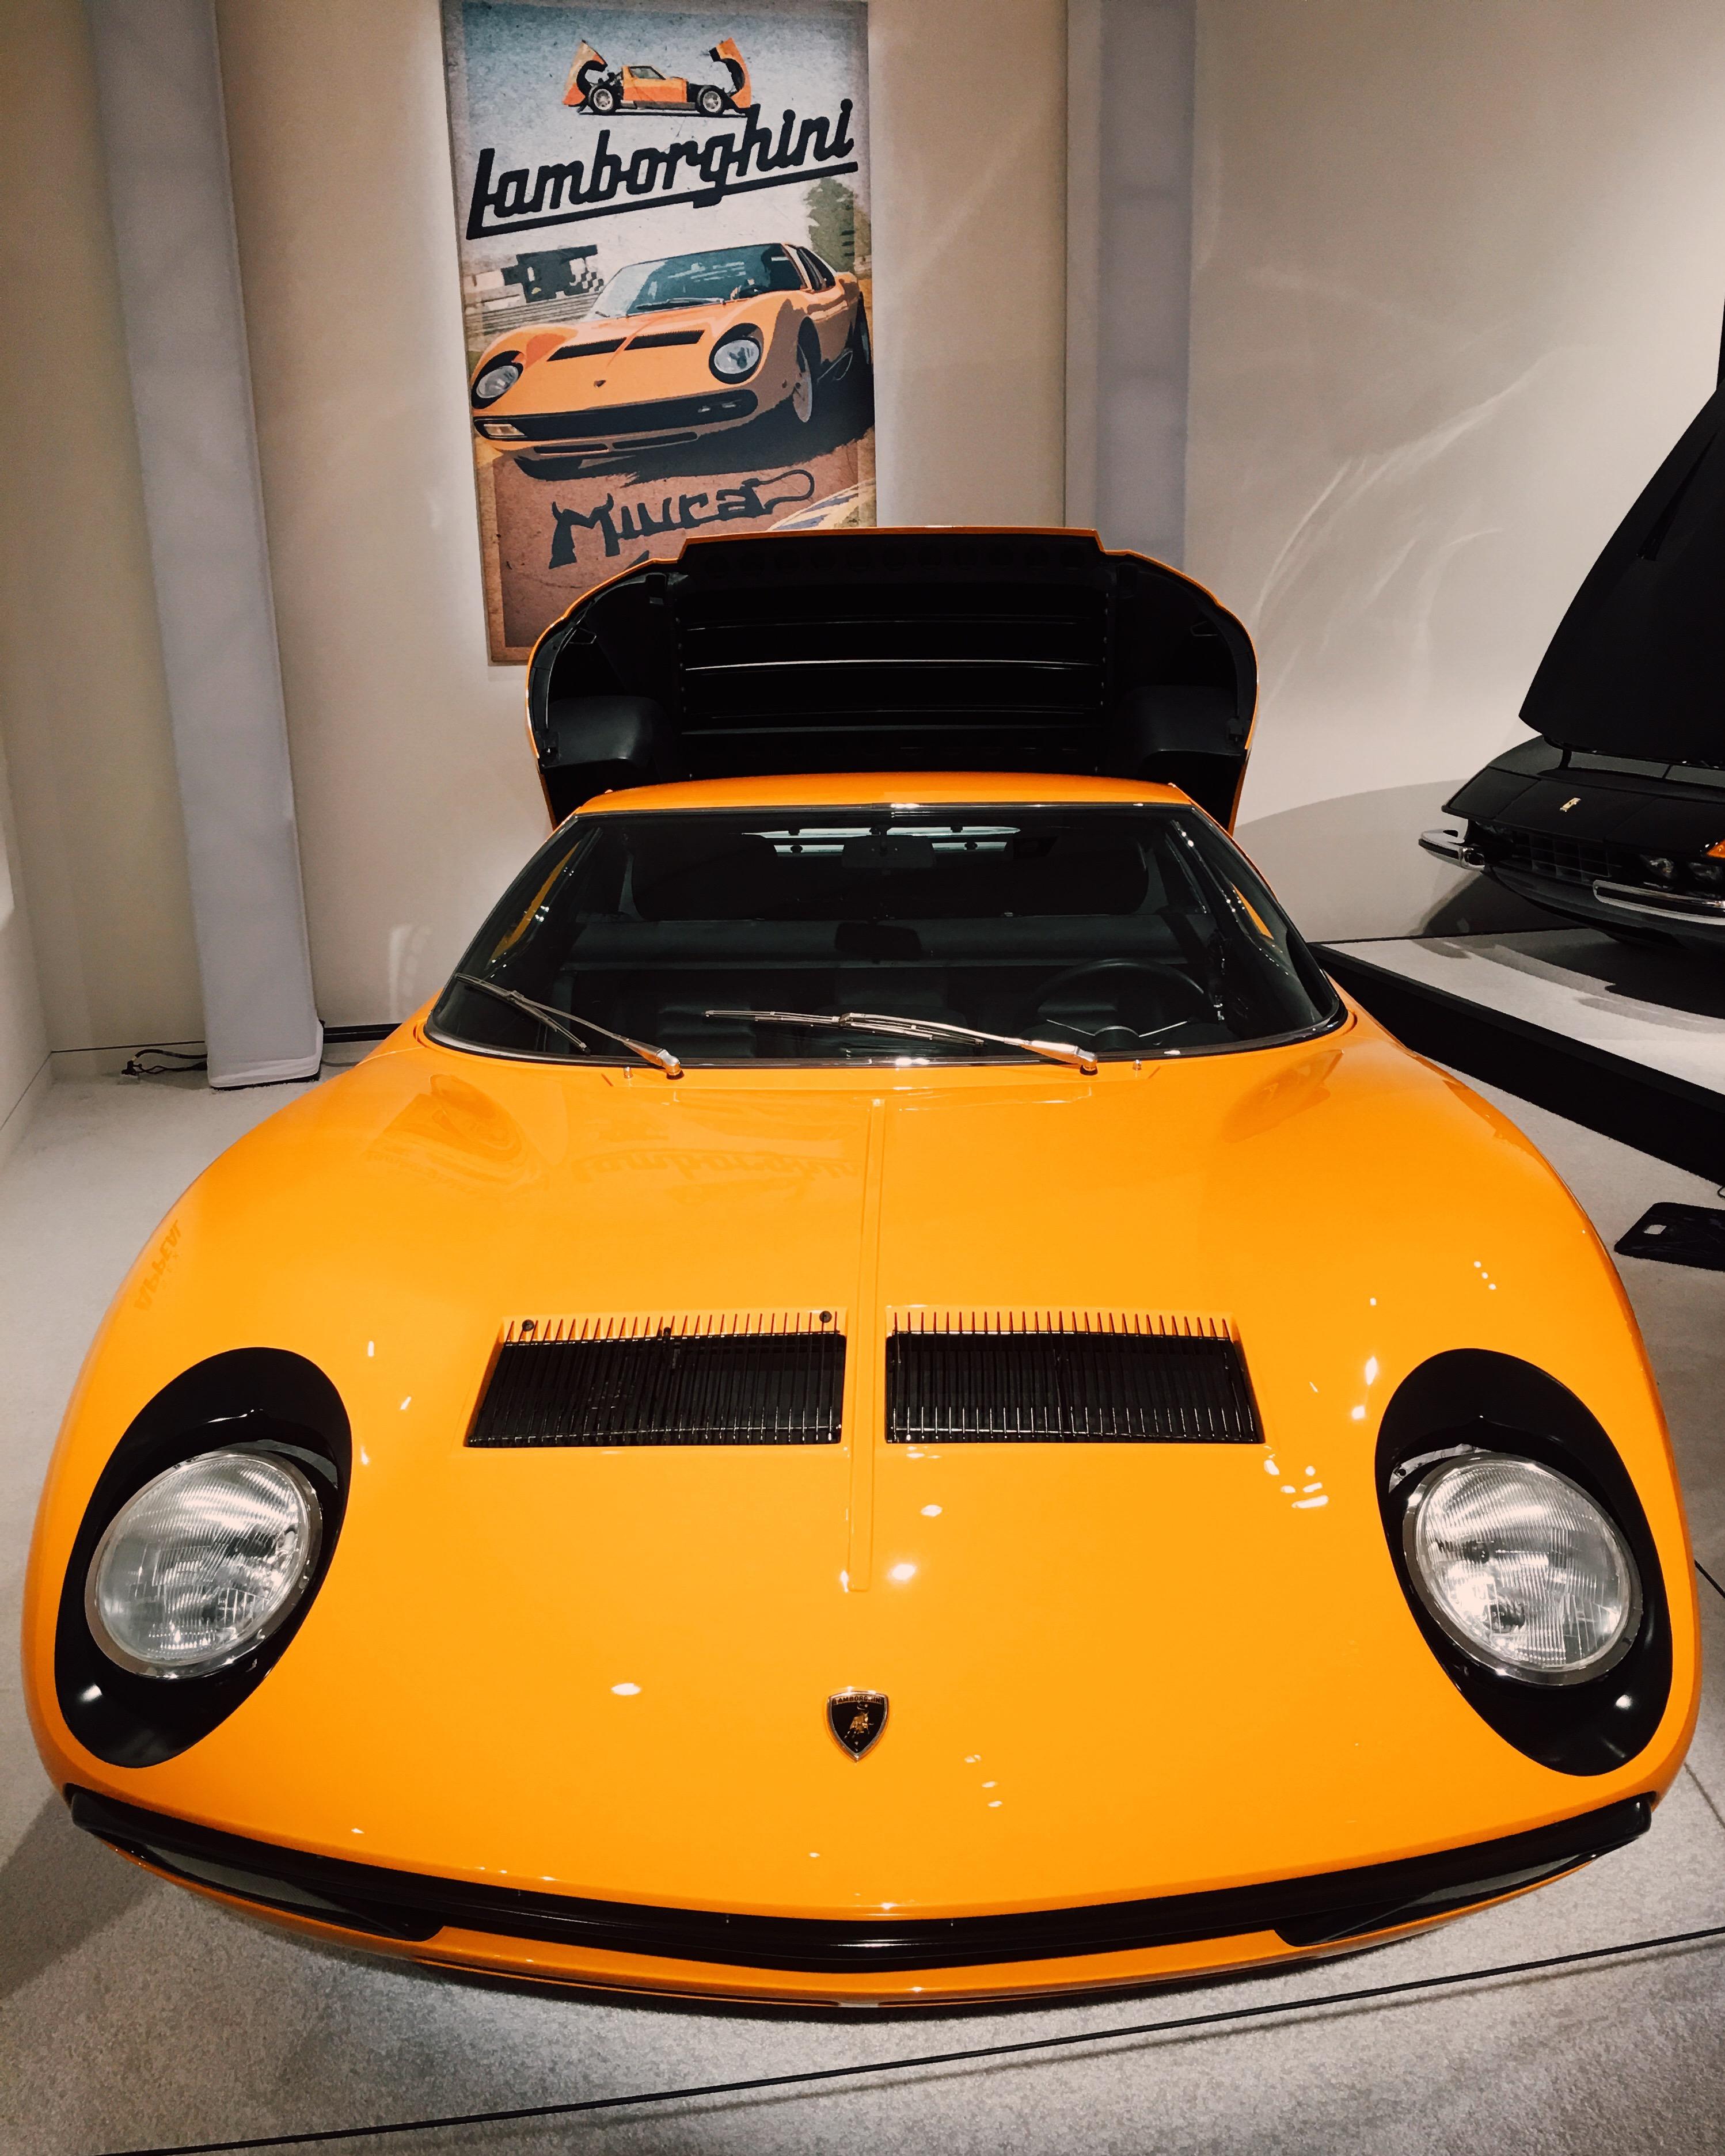 1972 Lamborghini Miura P400 SV by Bertone International Car Shipping